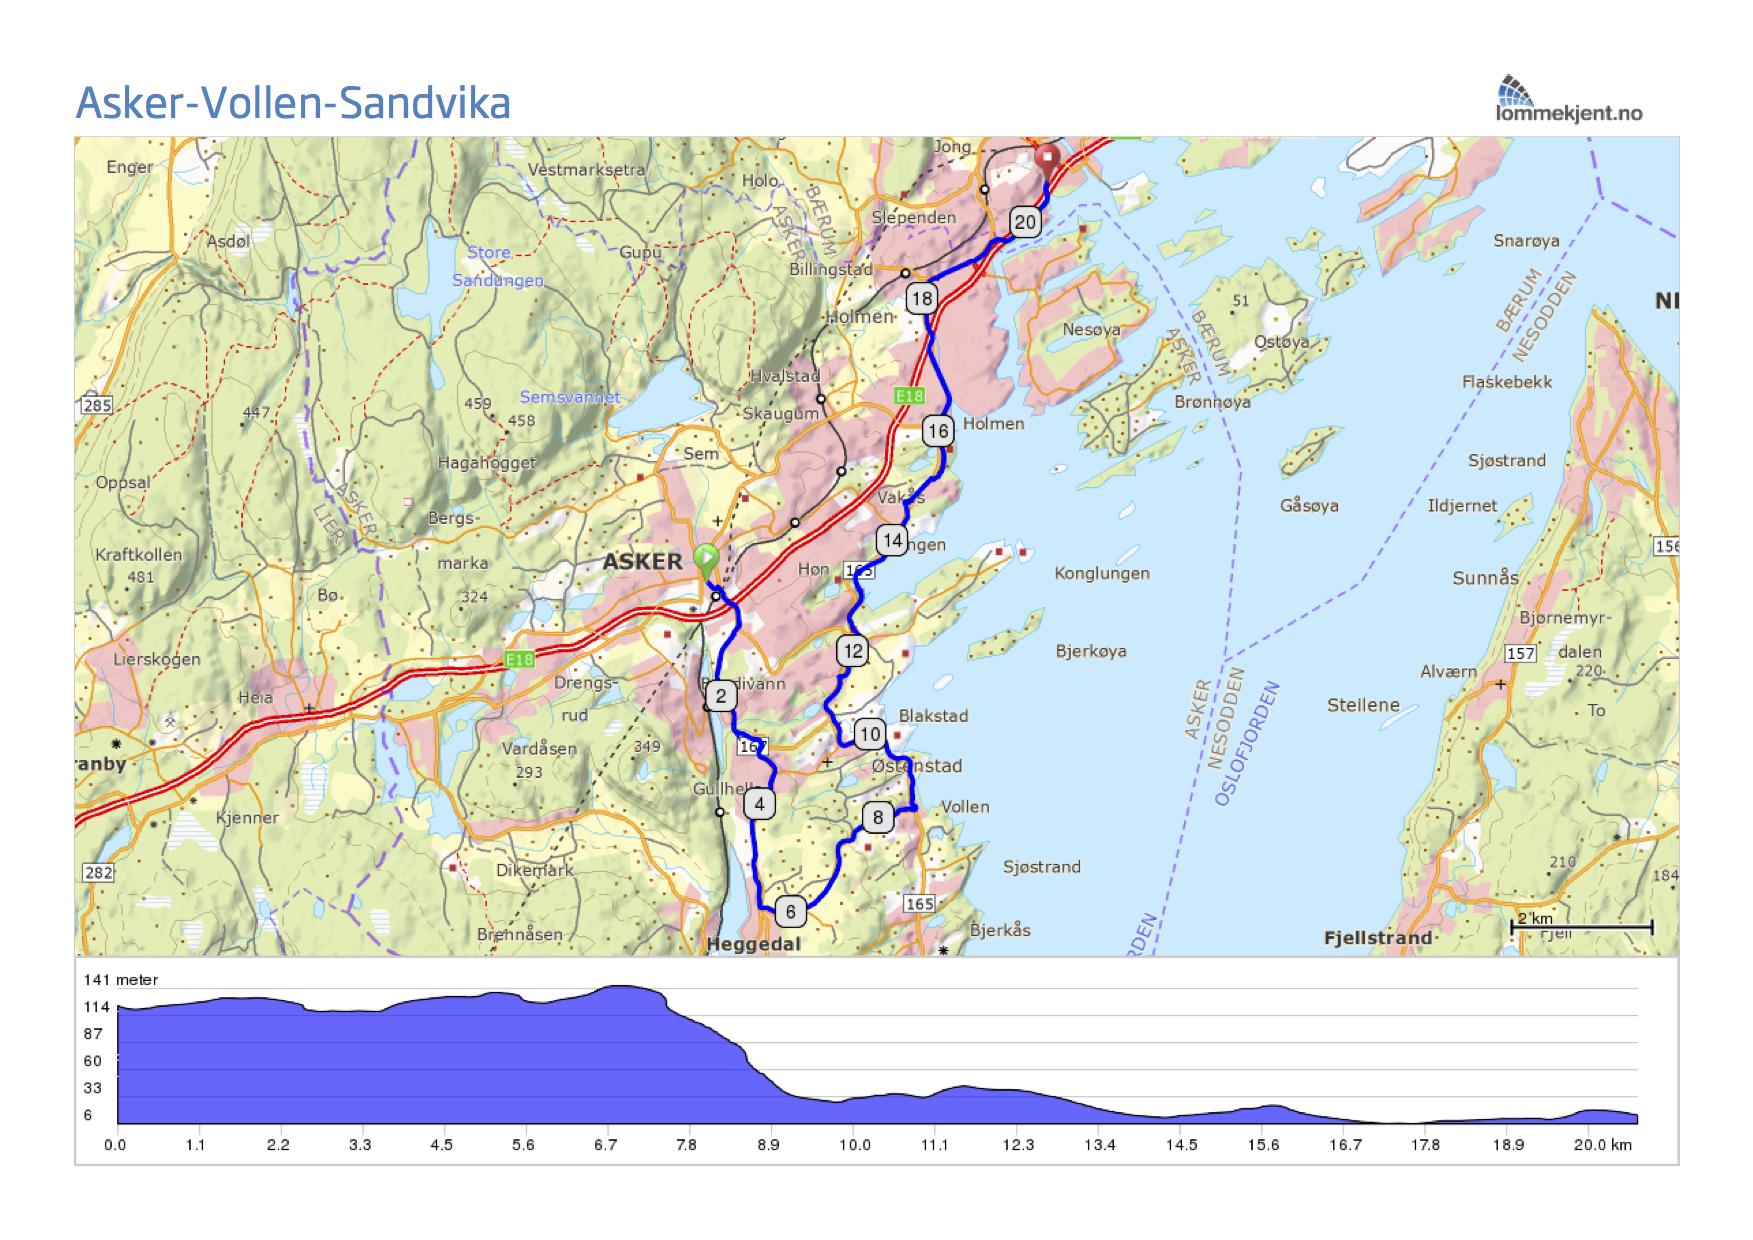 sandvika kart Fra Asker til Sandvika via Vollen